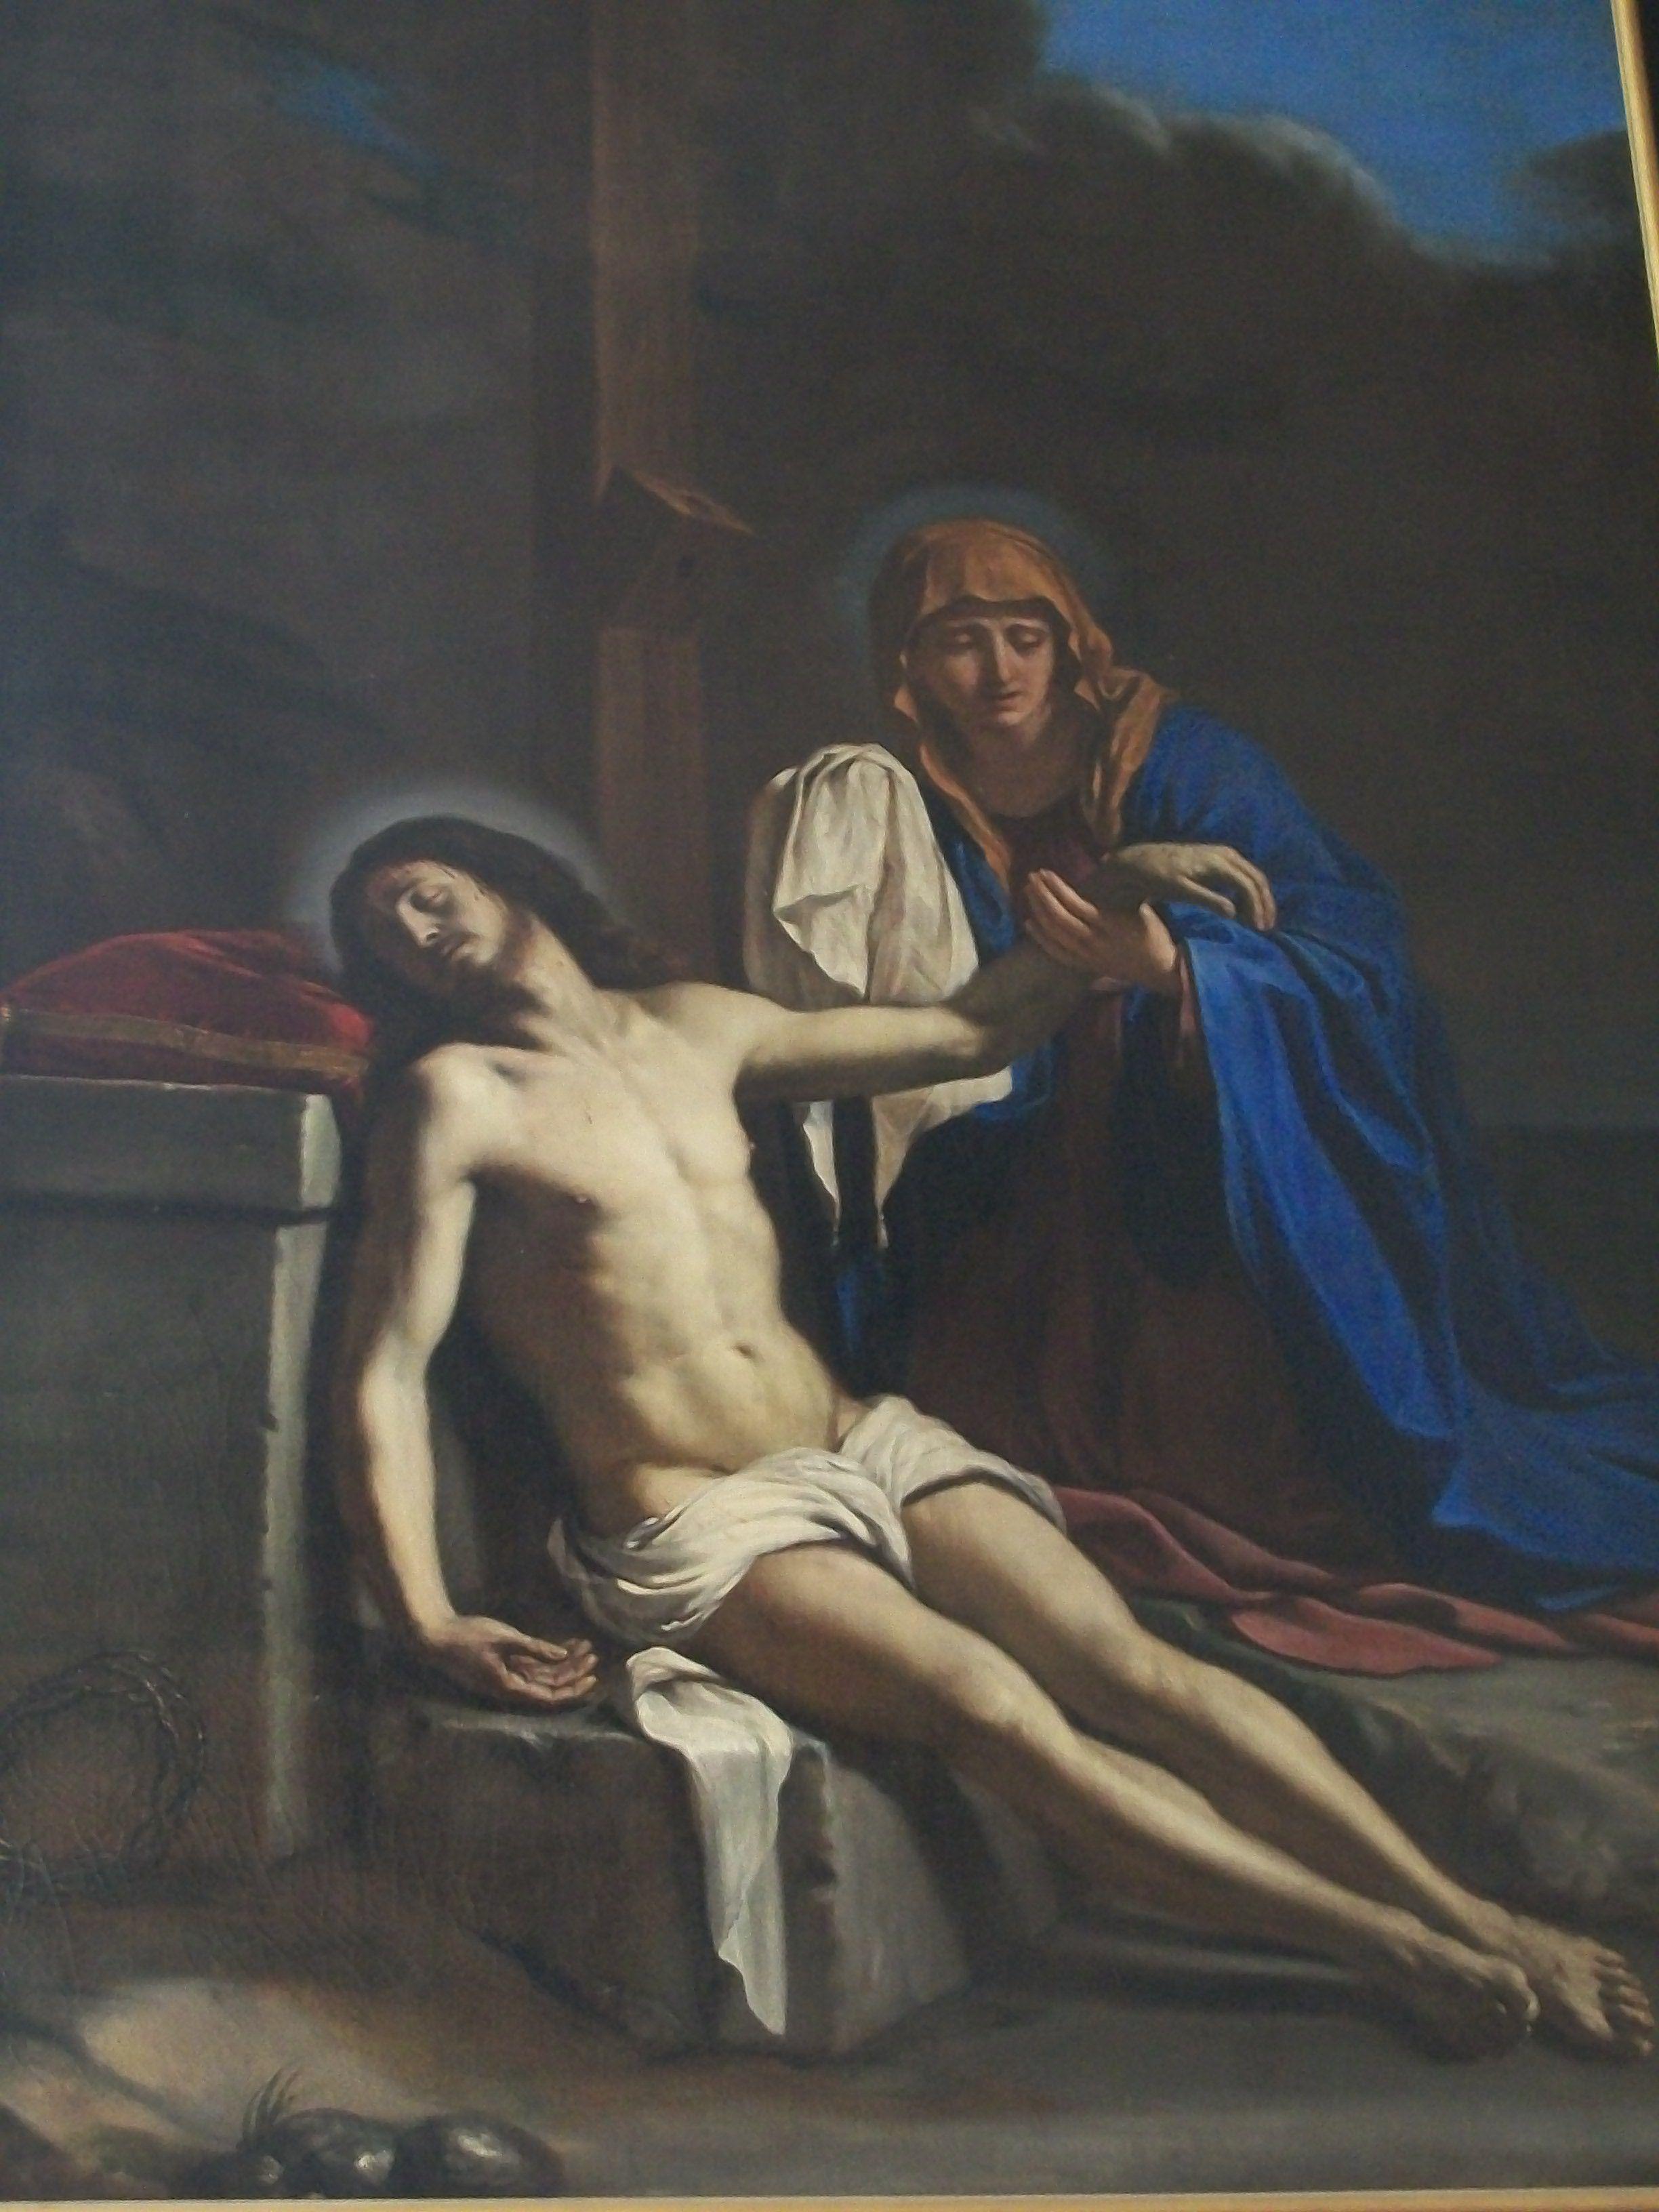 Guercino: Cristo sorretto dalla Vergine. 1643. Autun, St. Lazare